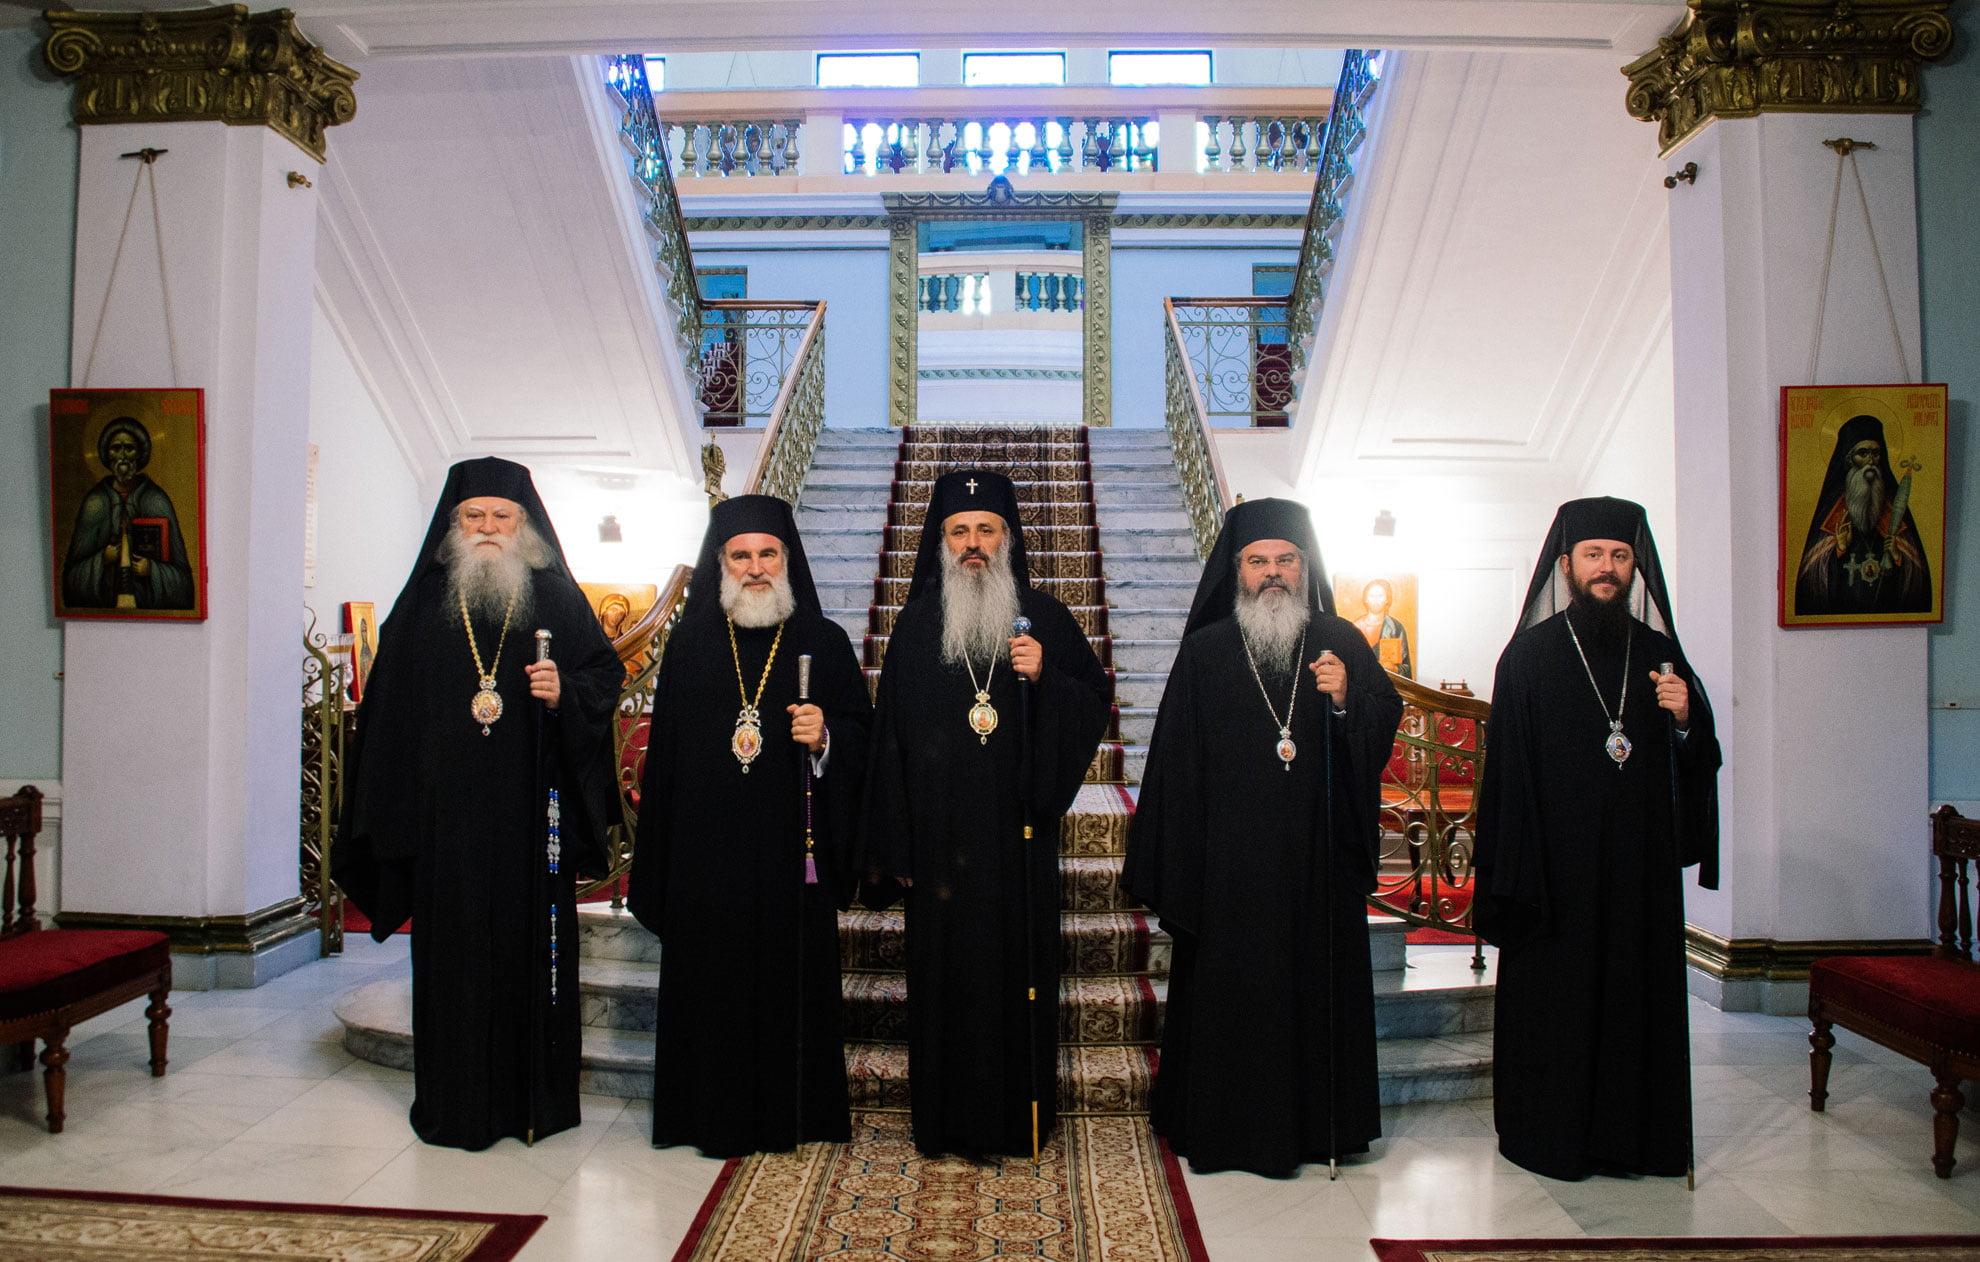 Au fost desemnați doi ierarhi candidati pentru slujirea  de Arhiepiscop al Sucevei și Rădăuților